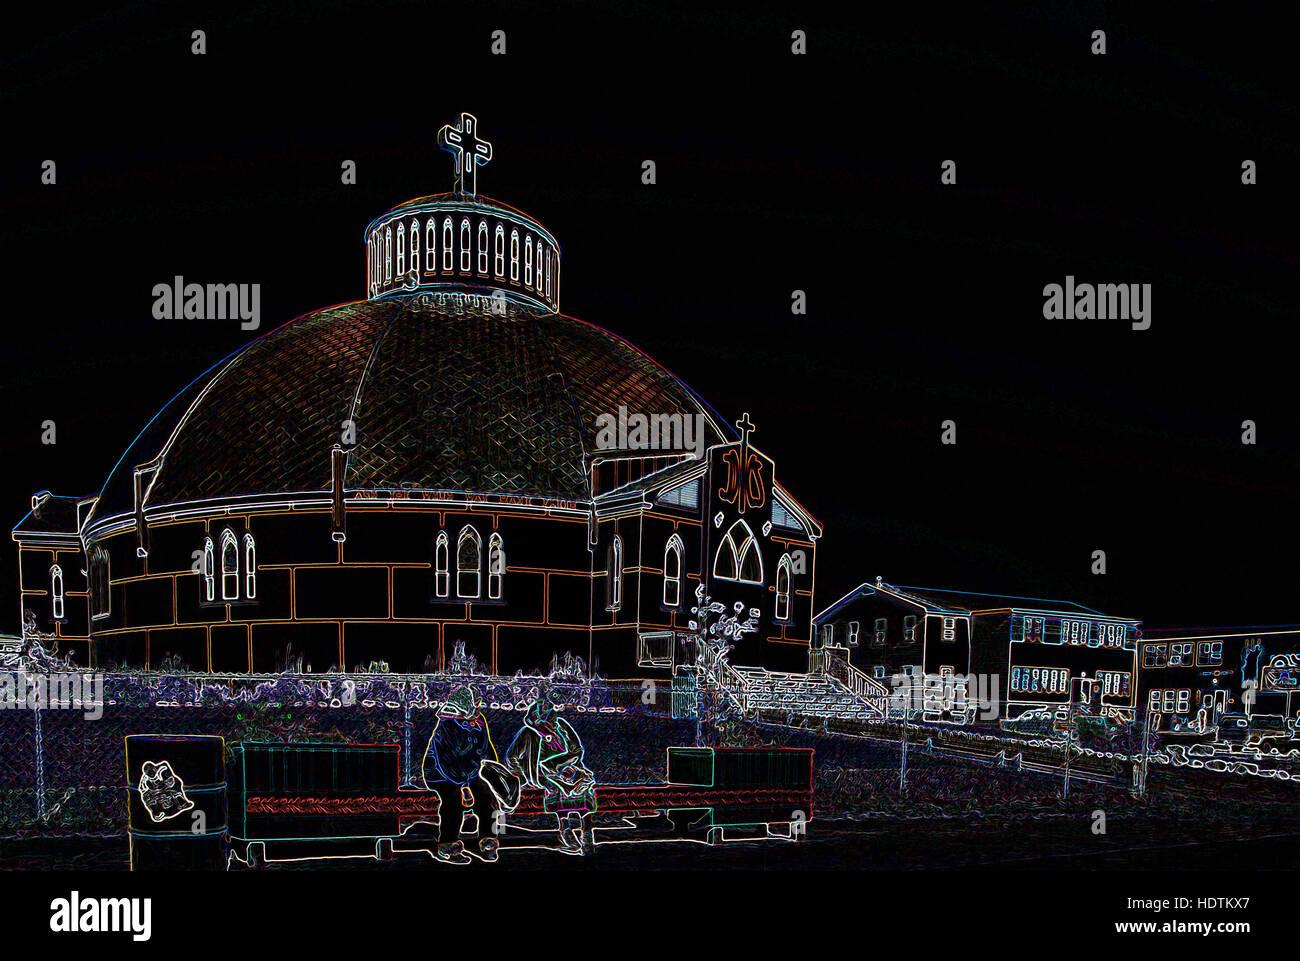 Kirche - digital manipulierte Bild mit leuchtenden Kanten, abstrakte Architektur auf einem schwarzen Hintergrund Stockbild